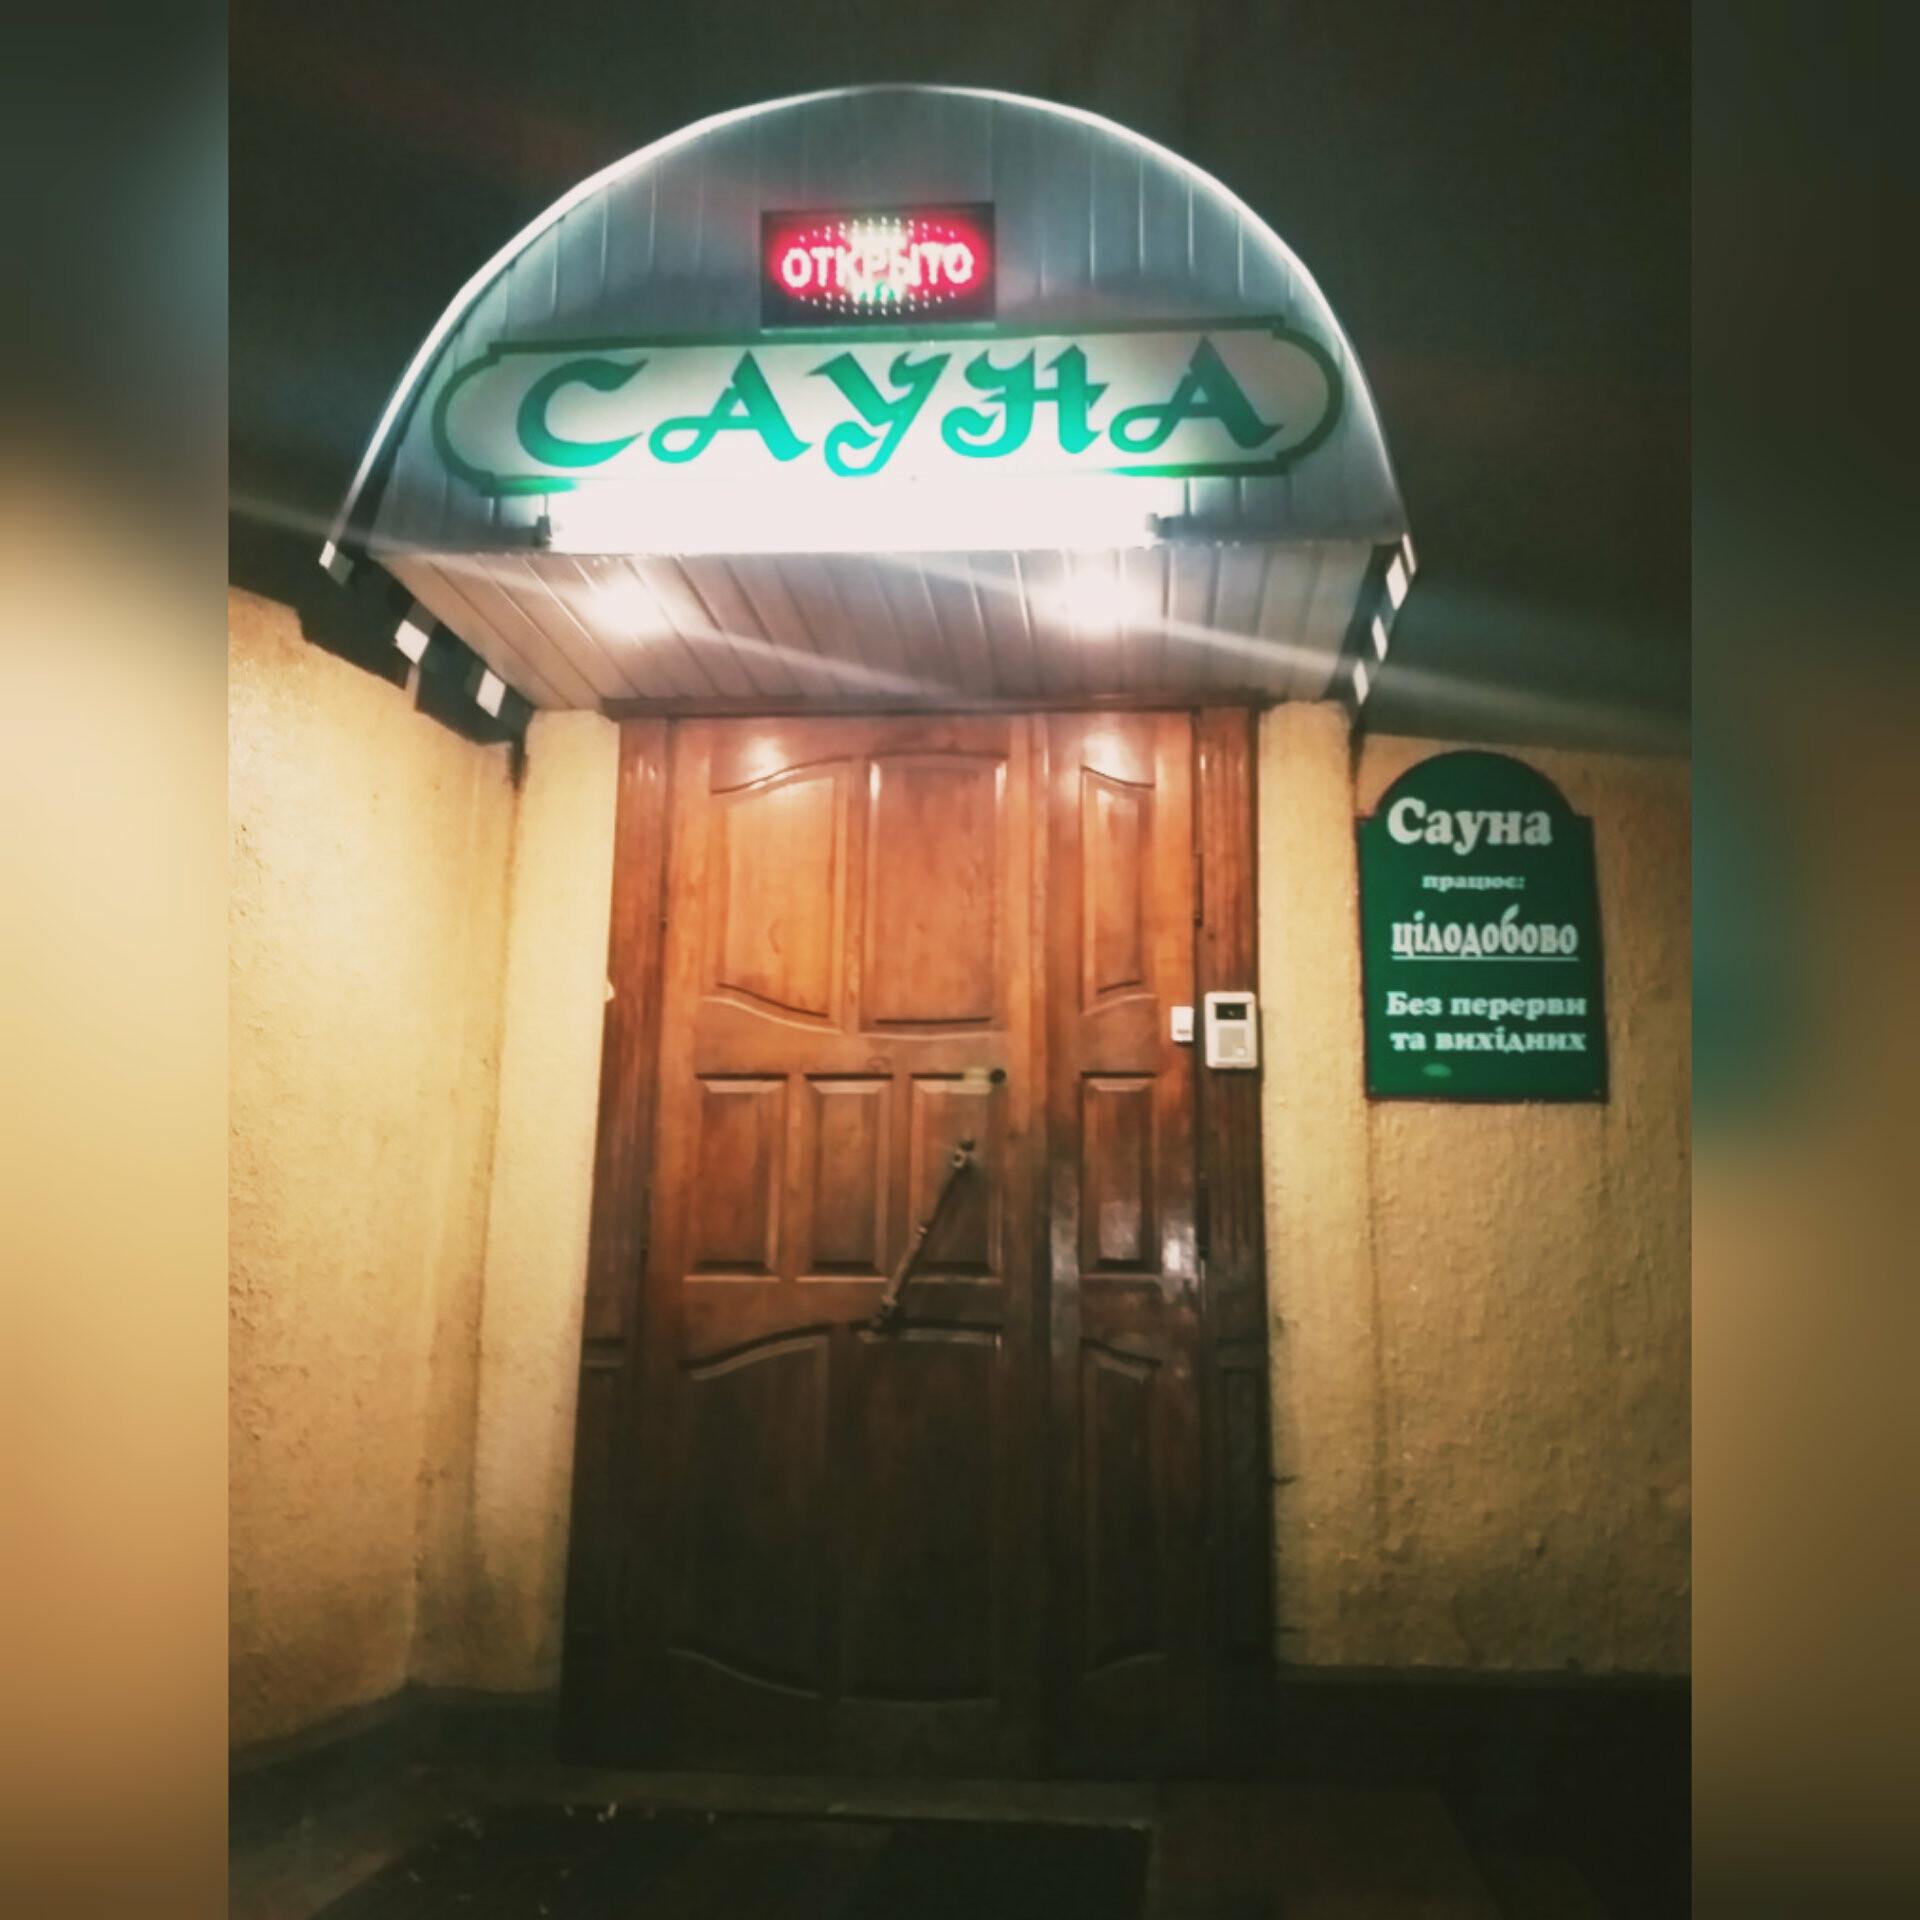 сауна в Запорожье, заказать сауну в Запорожье, сауна Раут в Запорожье, отдохнуть в сауне г.Запорожье